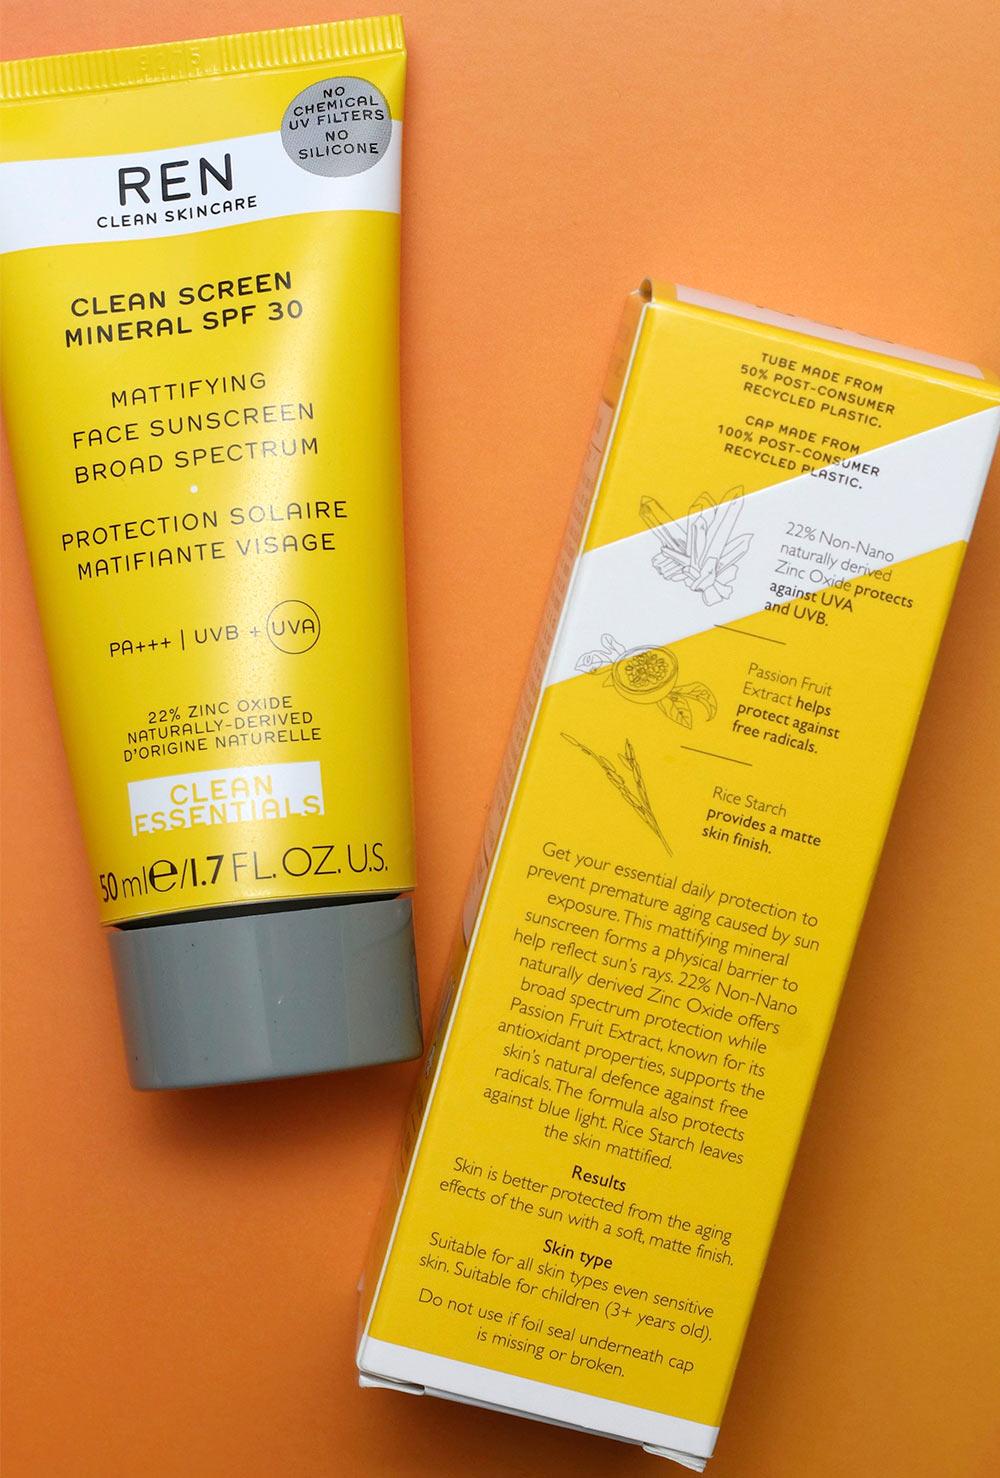 ren skin care sunscreen